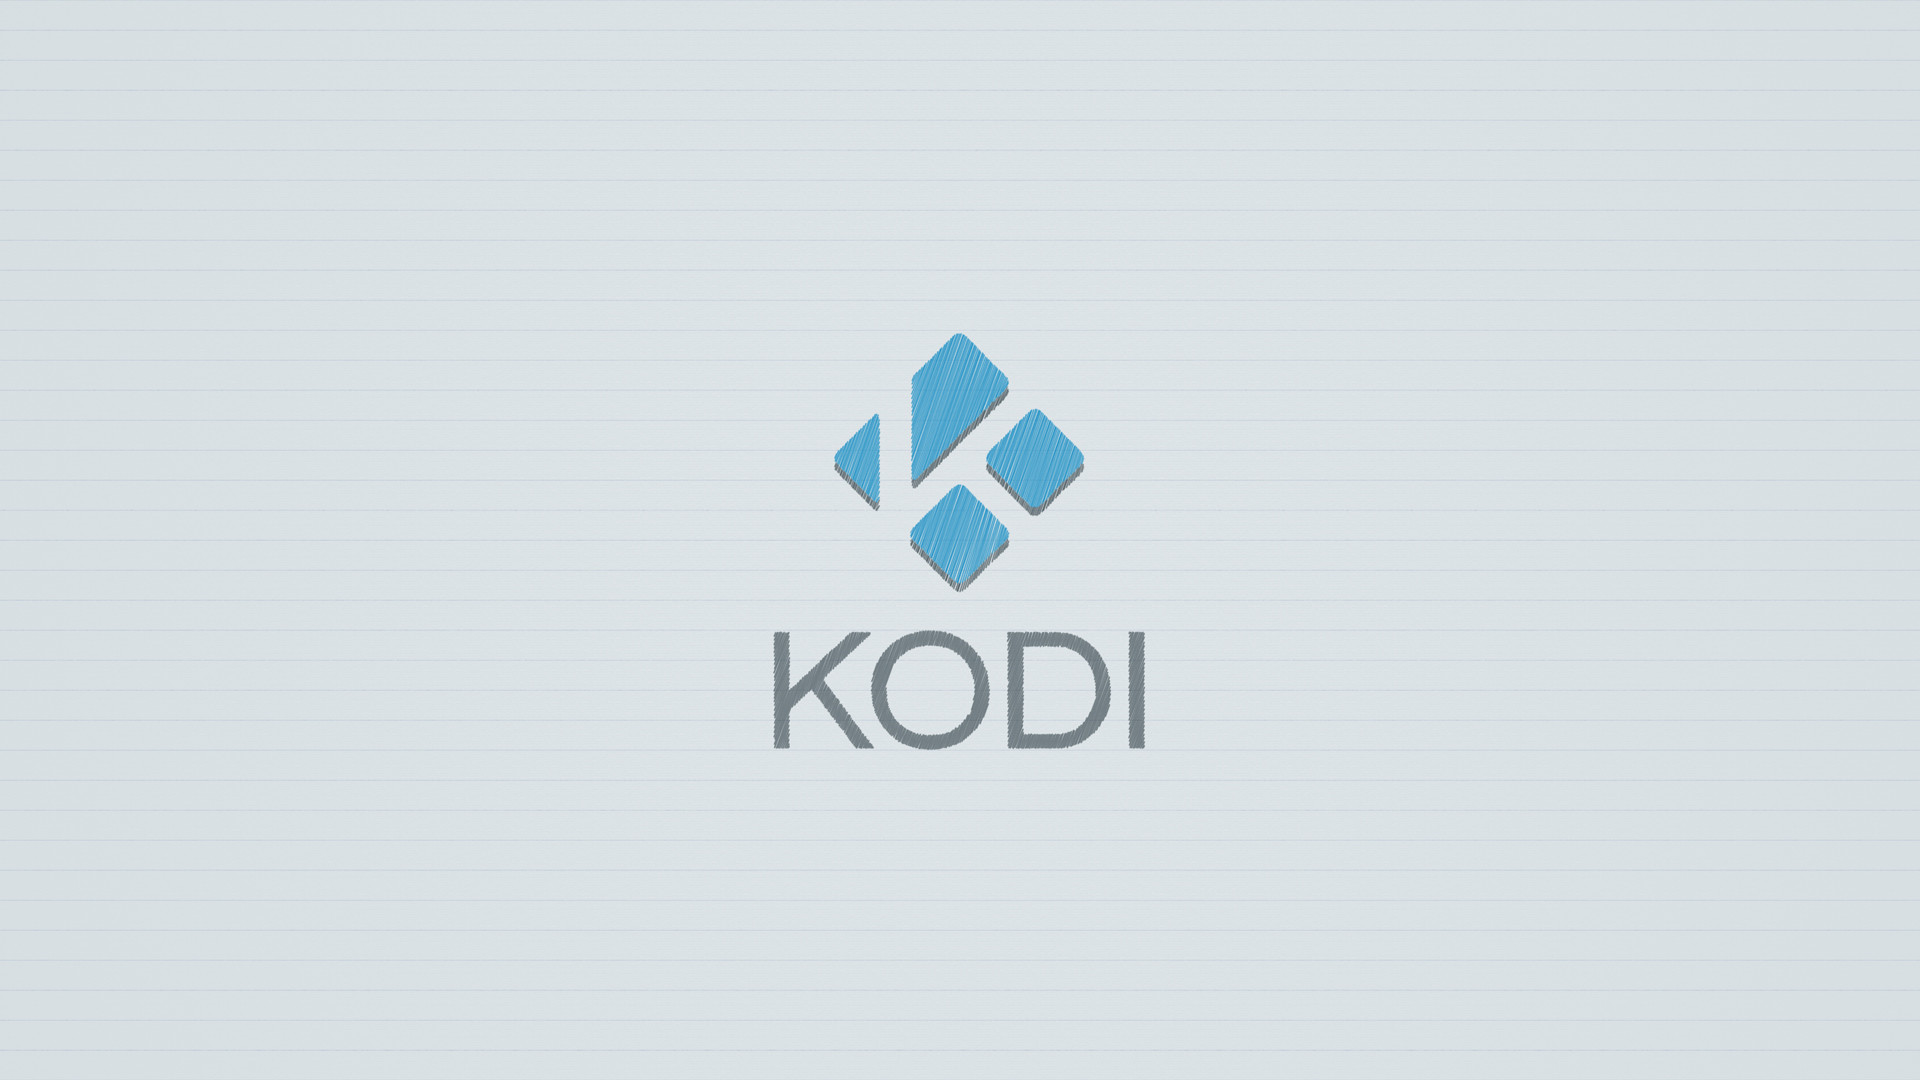 kodi wallpaper images (33)